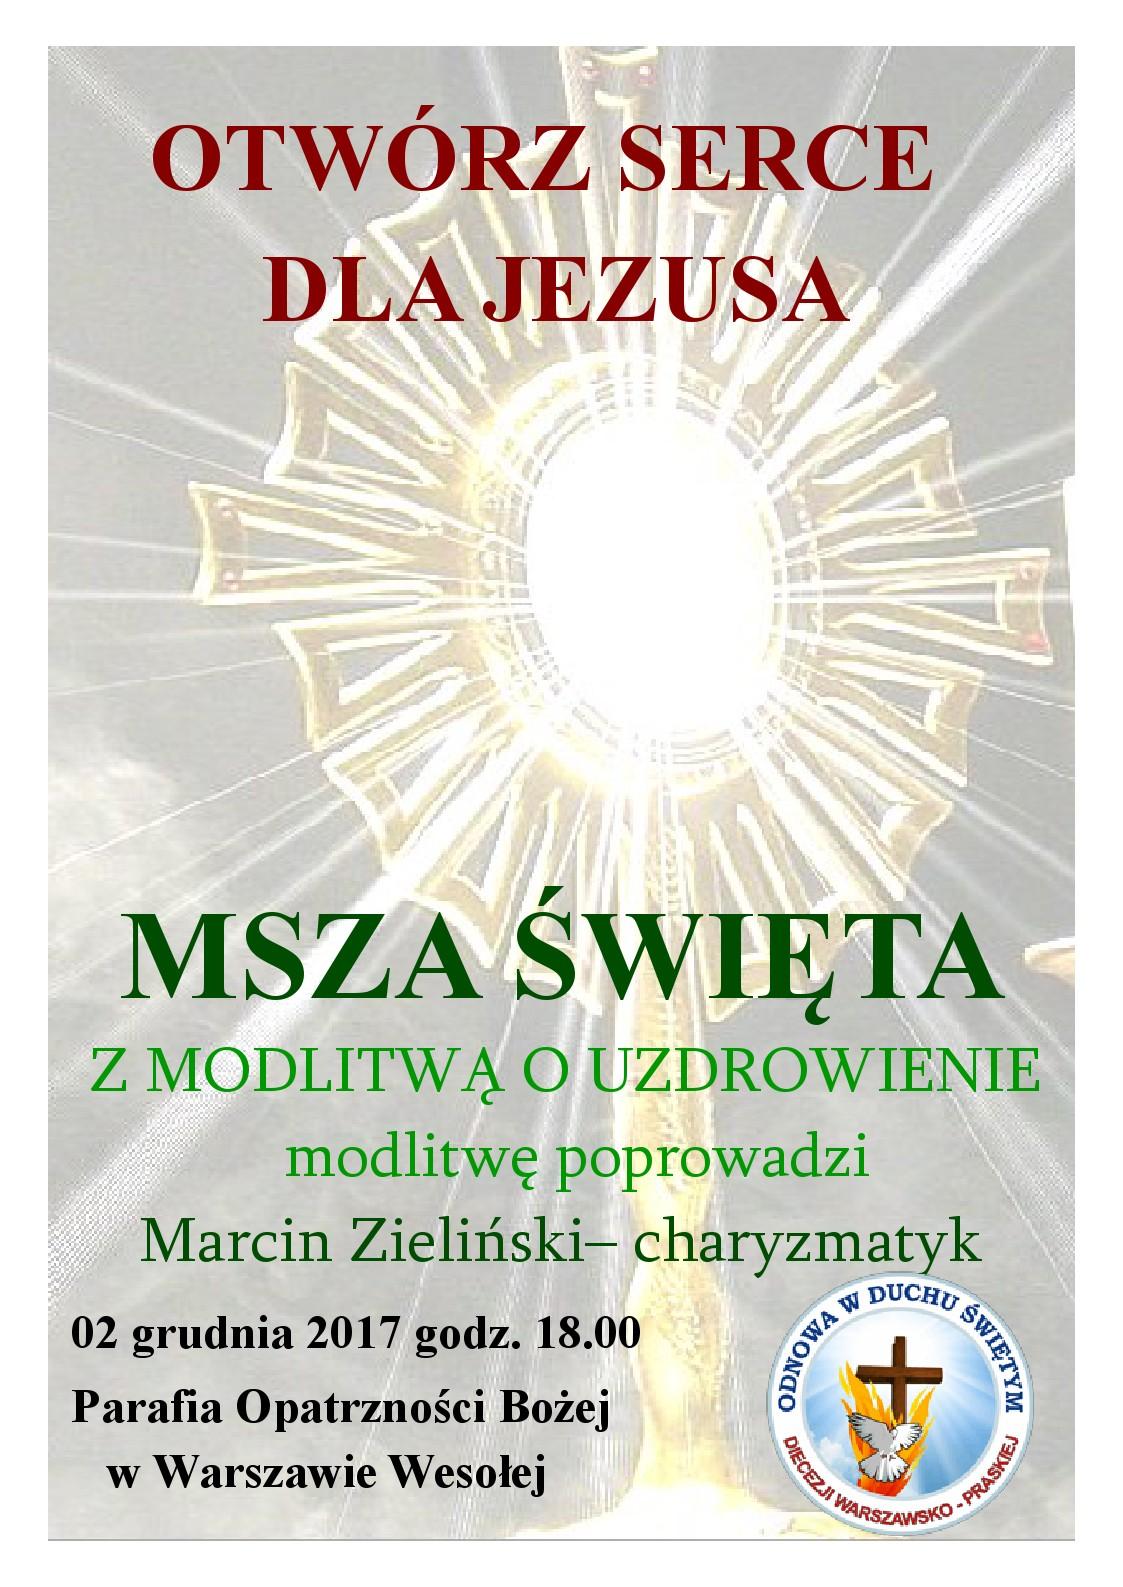 Msza św. z modlitwą o uzdrowienie w Warszawie-Wesołej